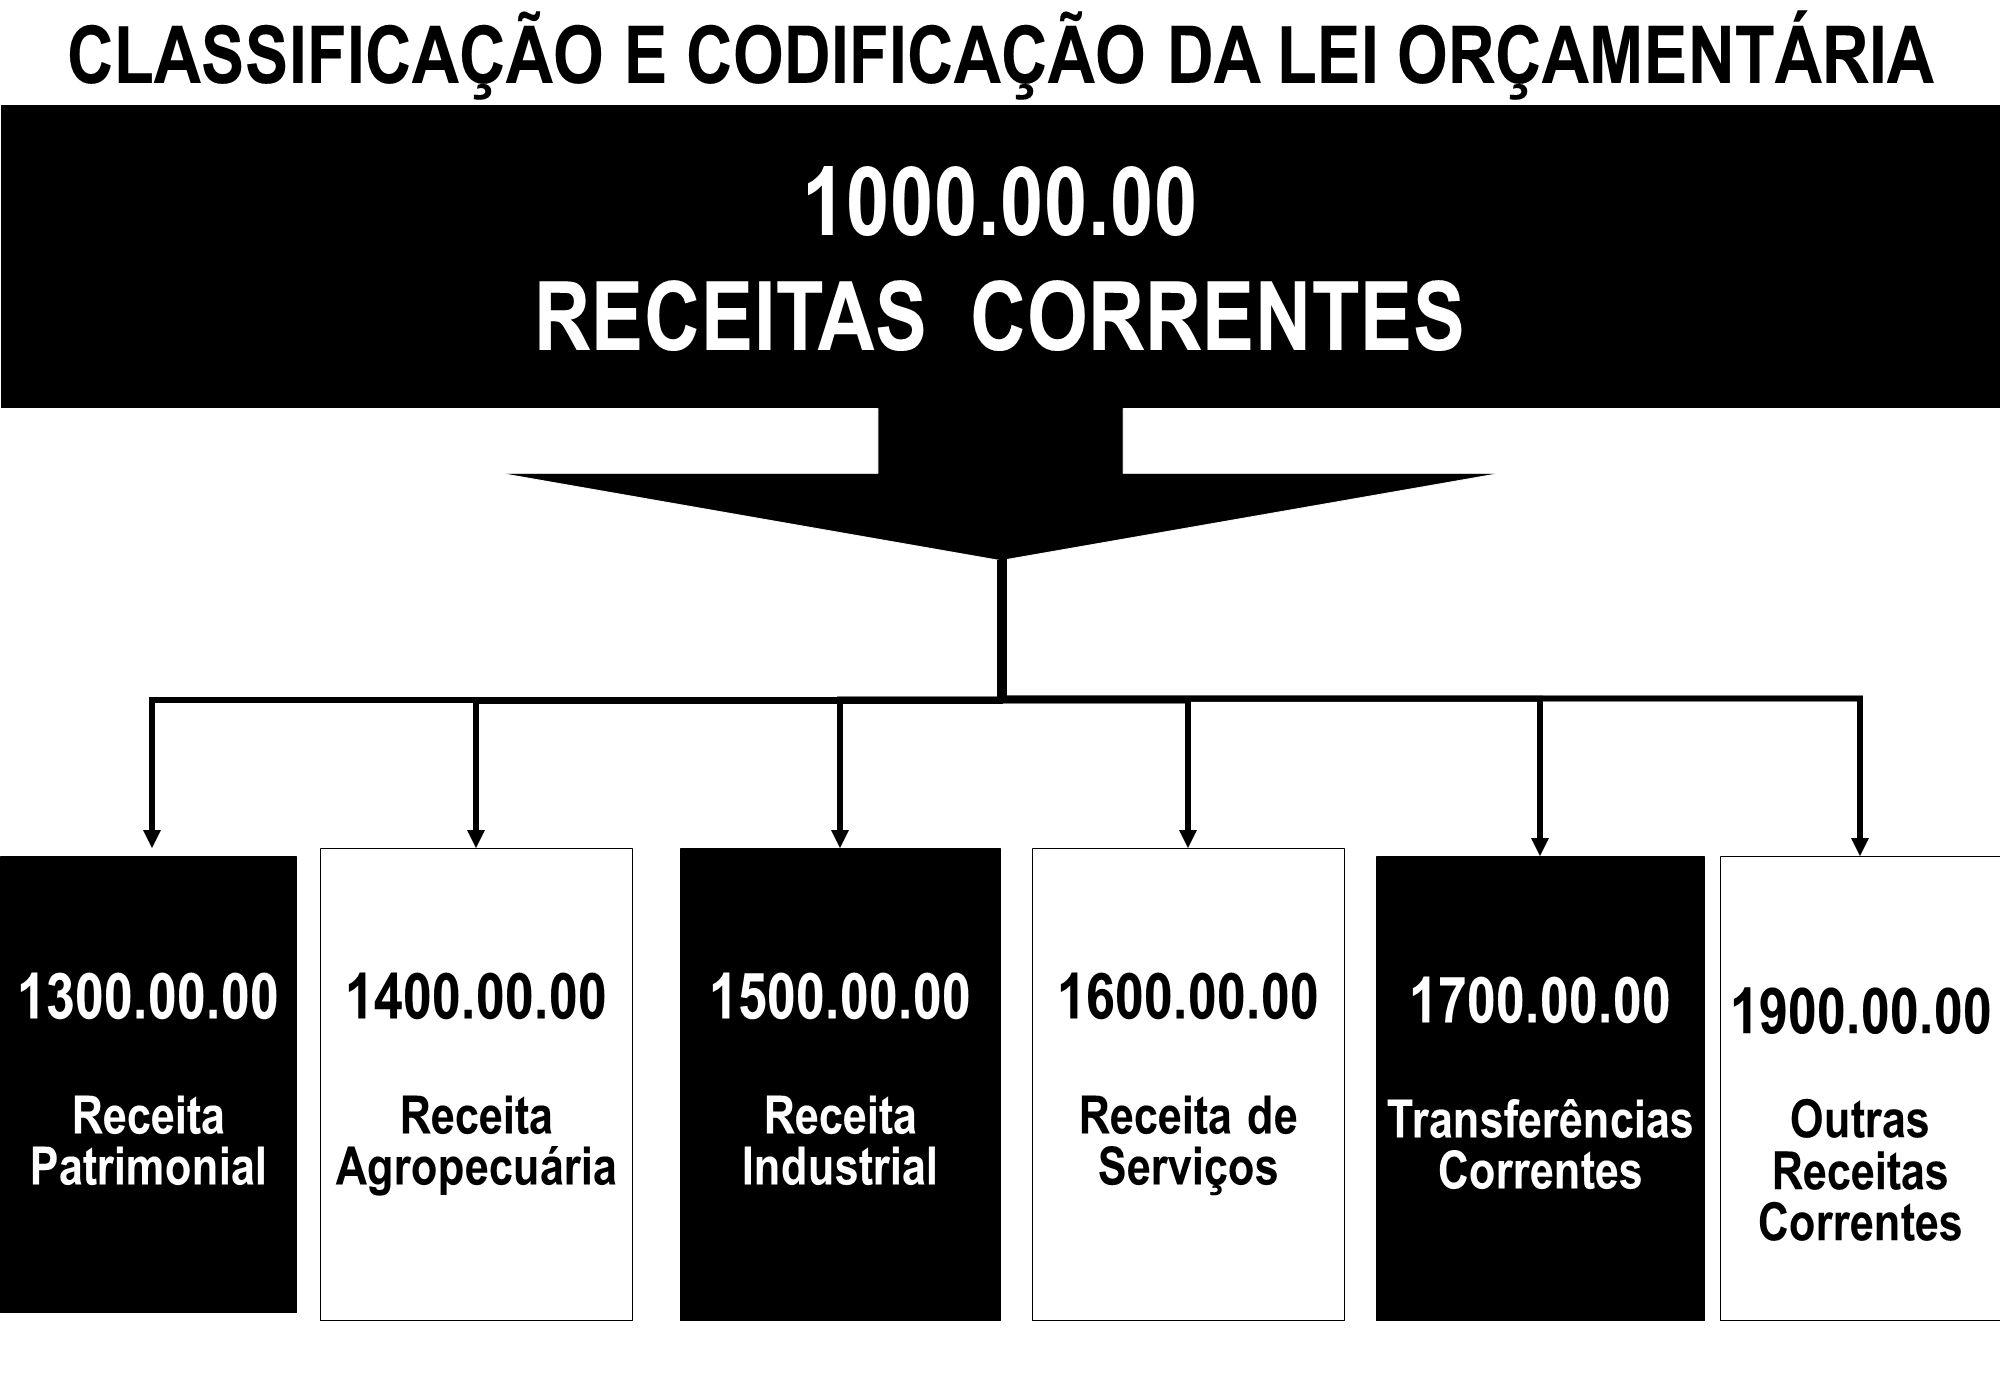 CLASSIFICAÇÃO E CODIFICAÇÃO DA LEI ORÇAMENTÁRIA